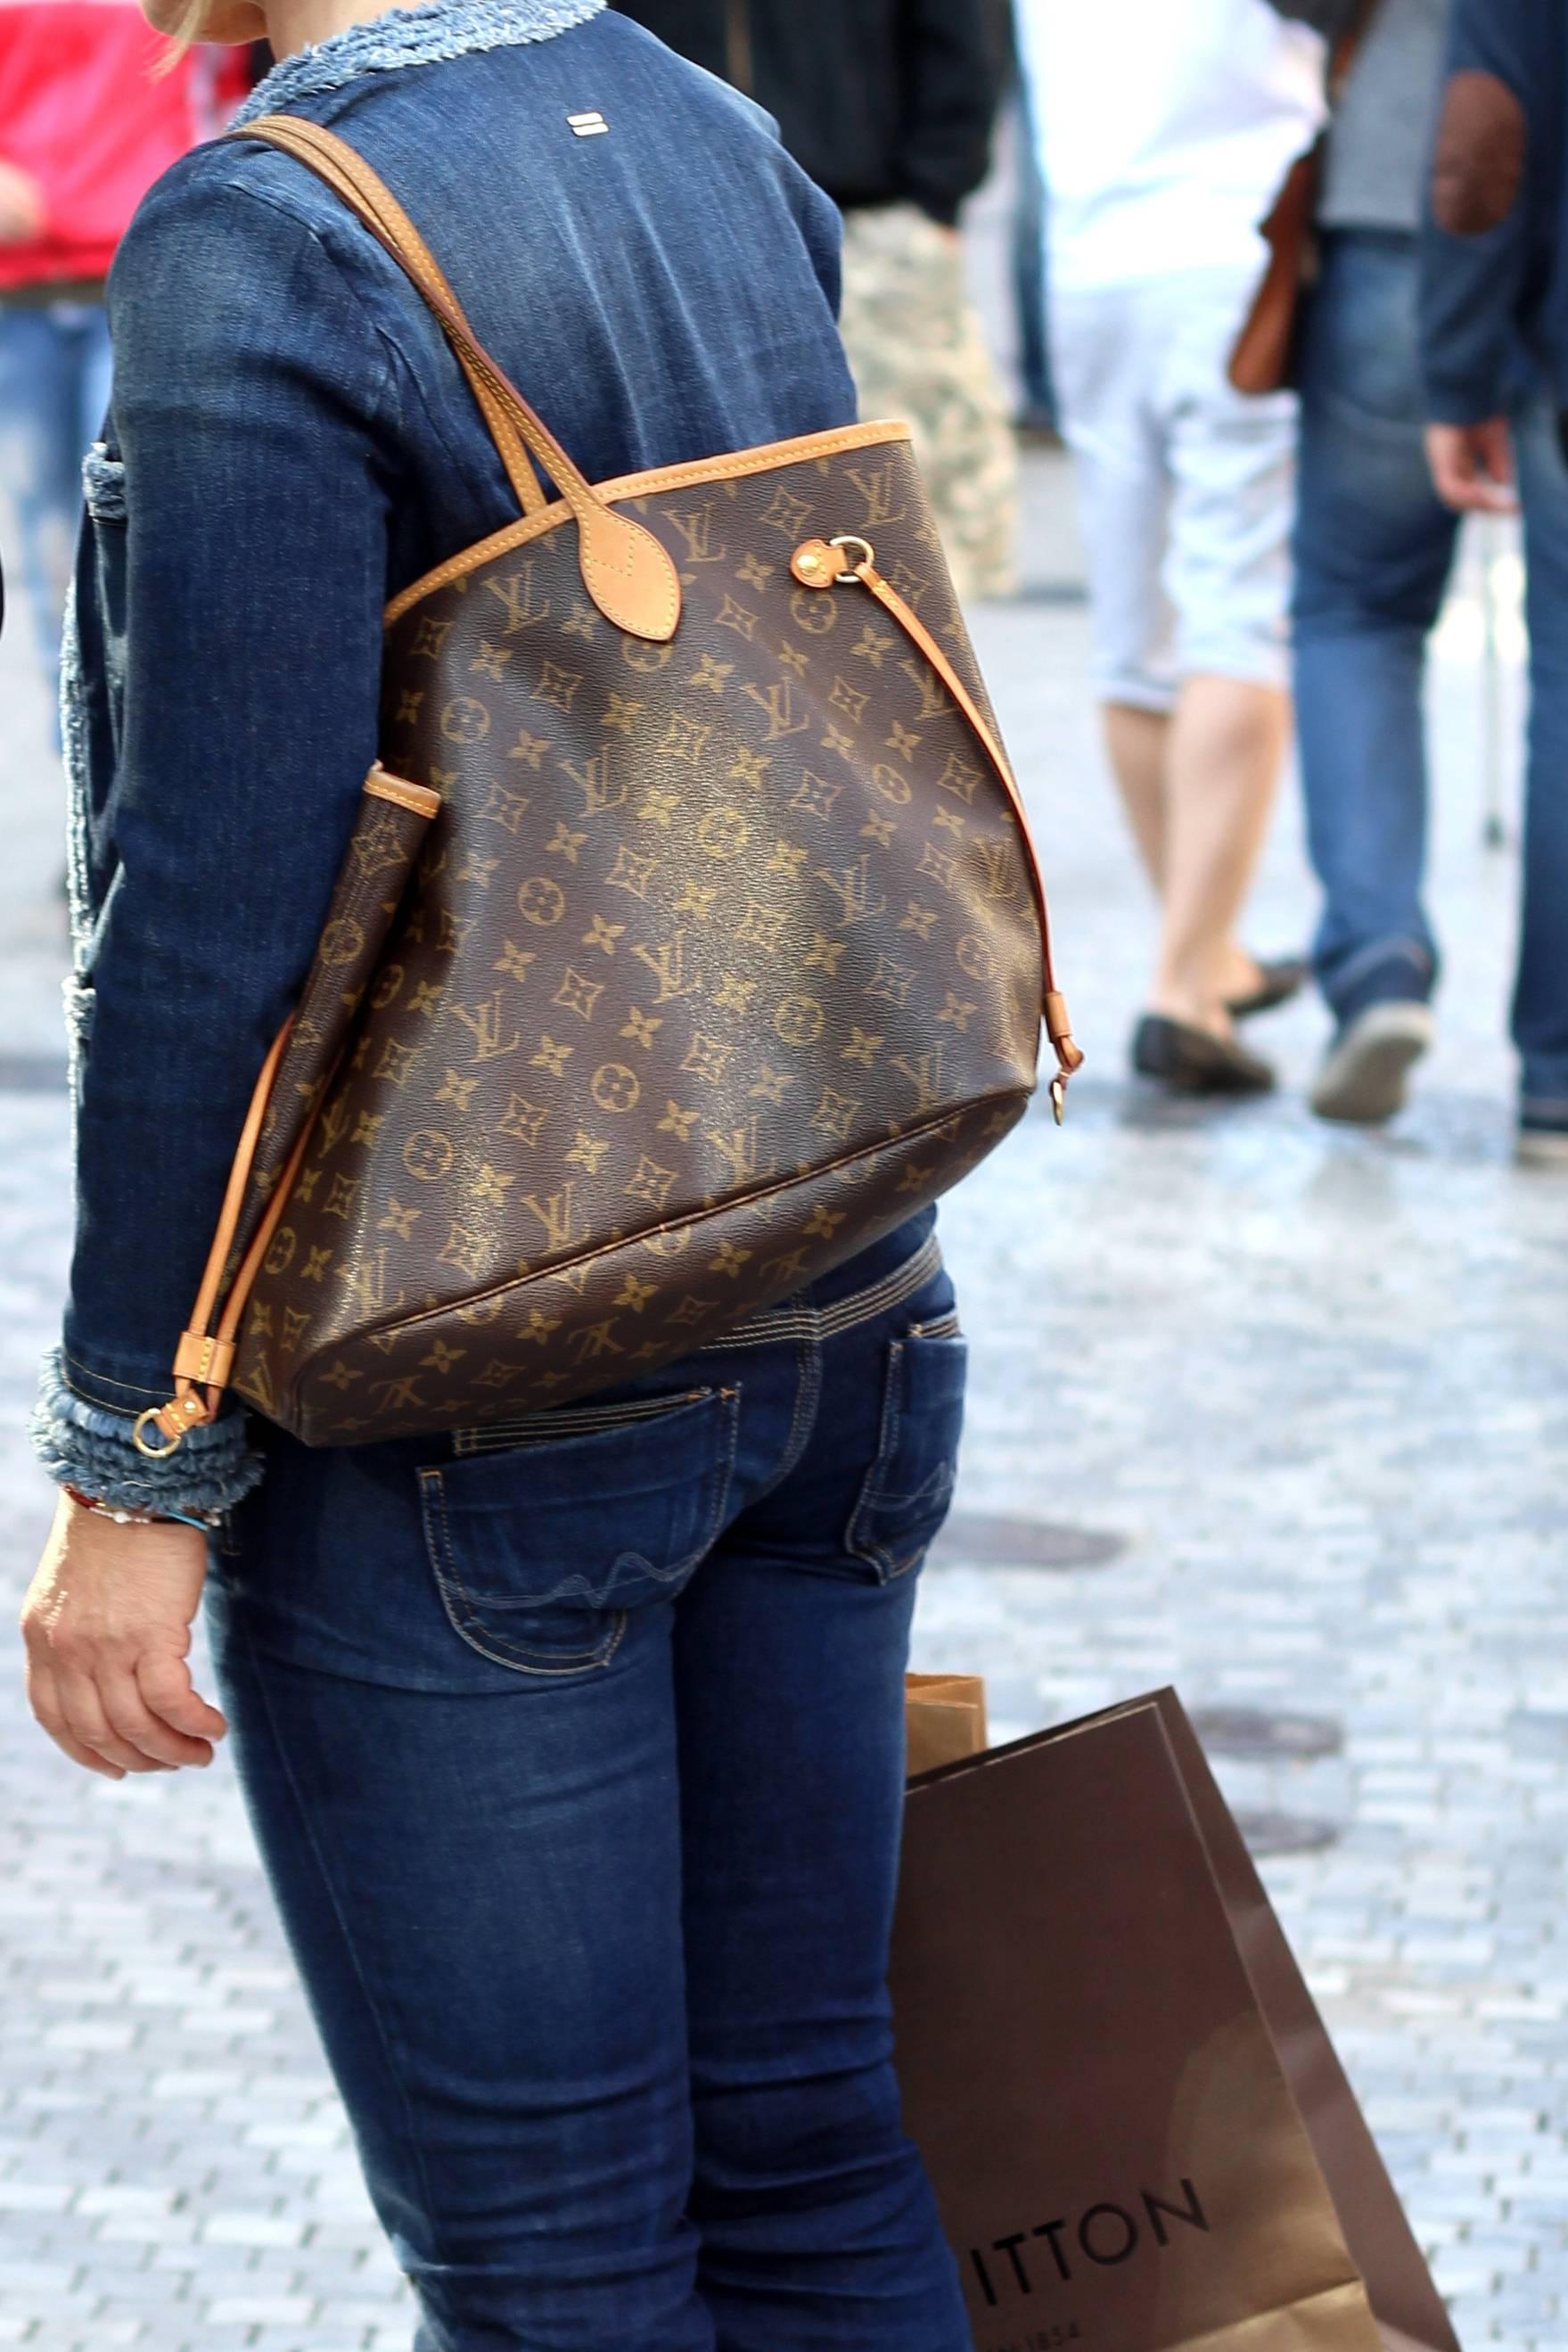 b62fb914d7 Louis Vuitton: 5 curiosità sulla sua borsa più famosa, la Neverfull